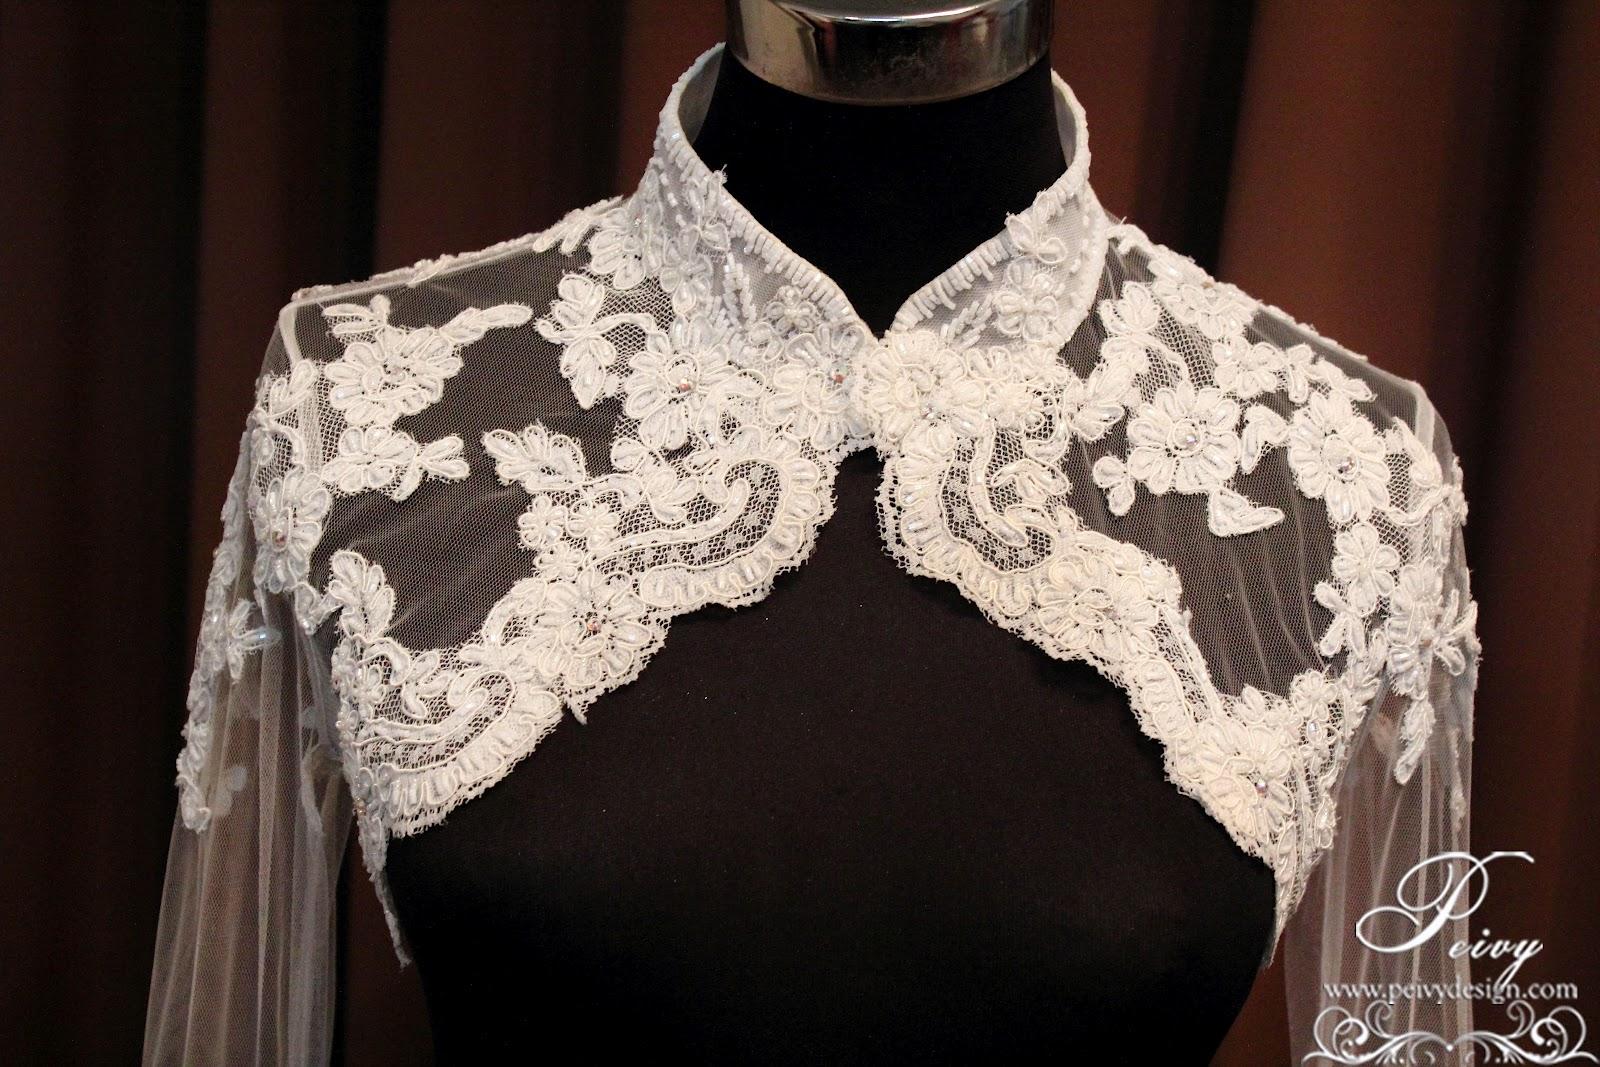 Wedding Dress Bolero : Wedding gown bolero for bridal by peivy design